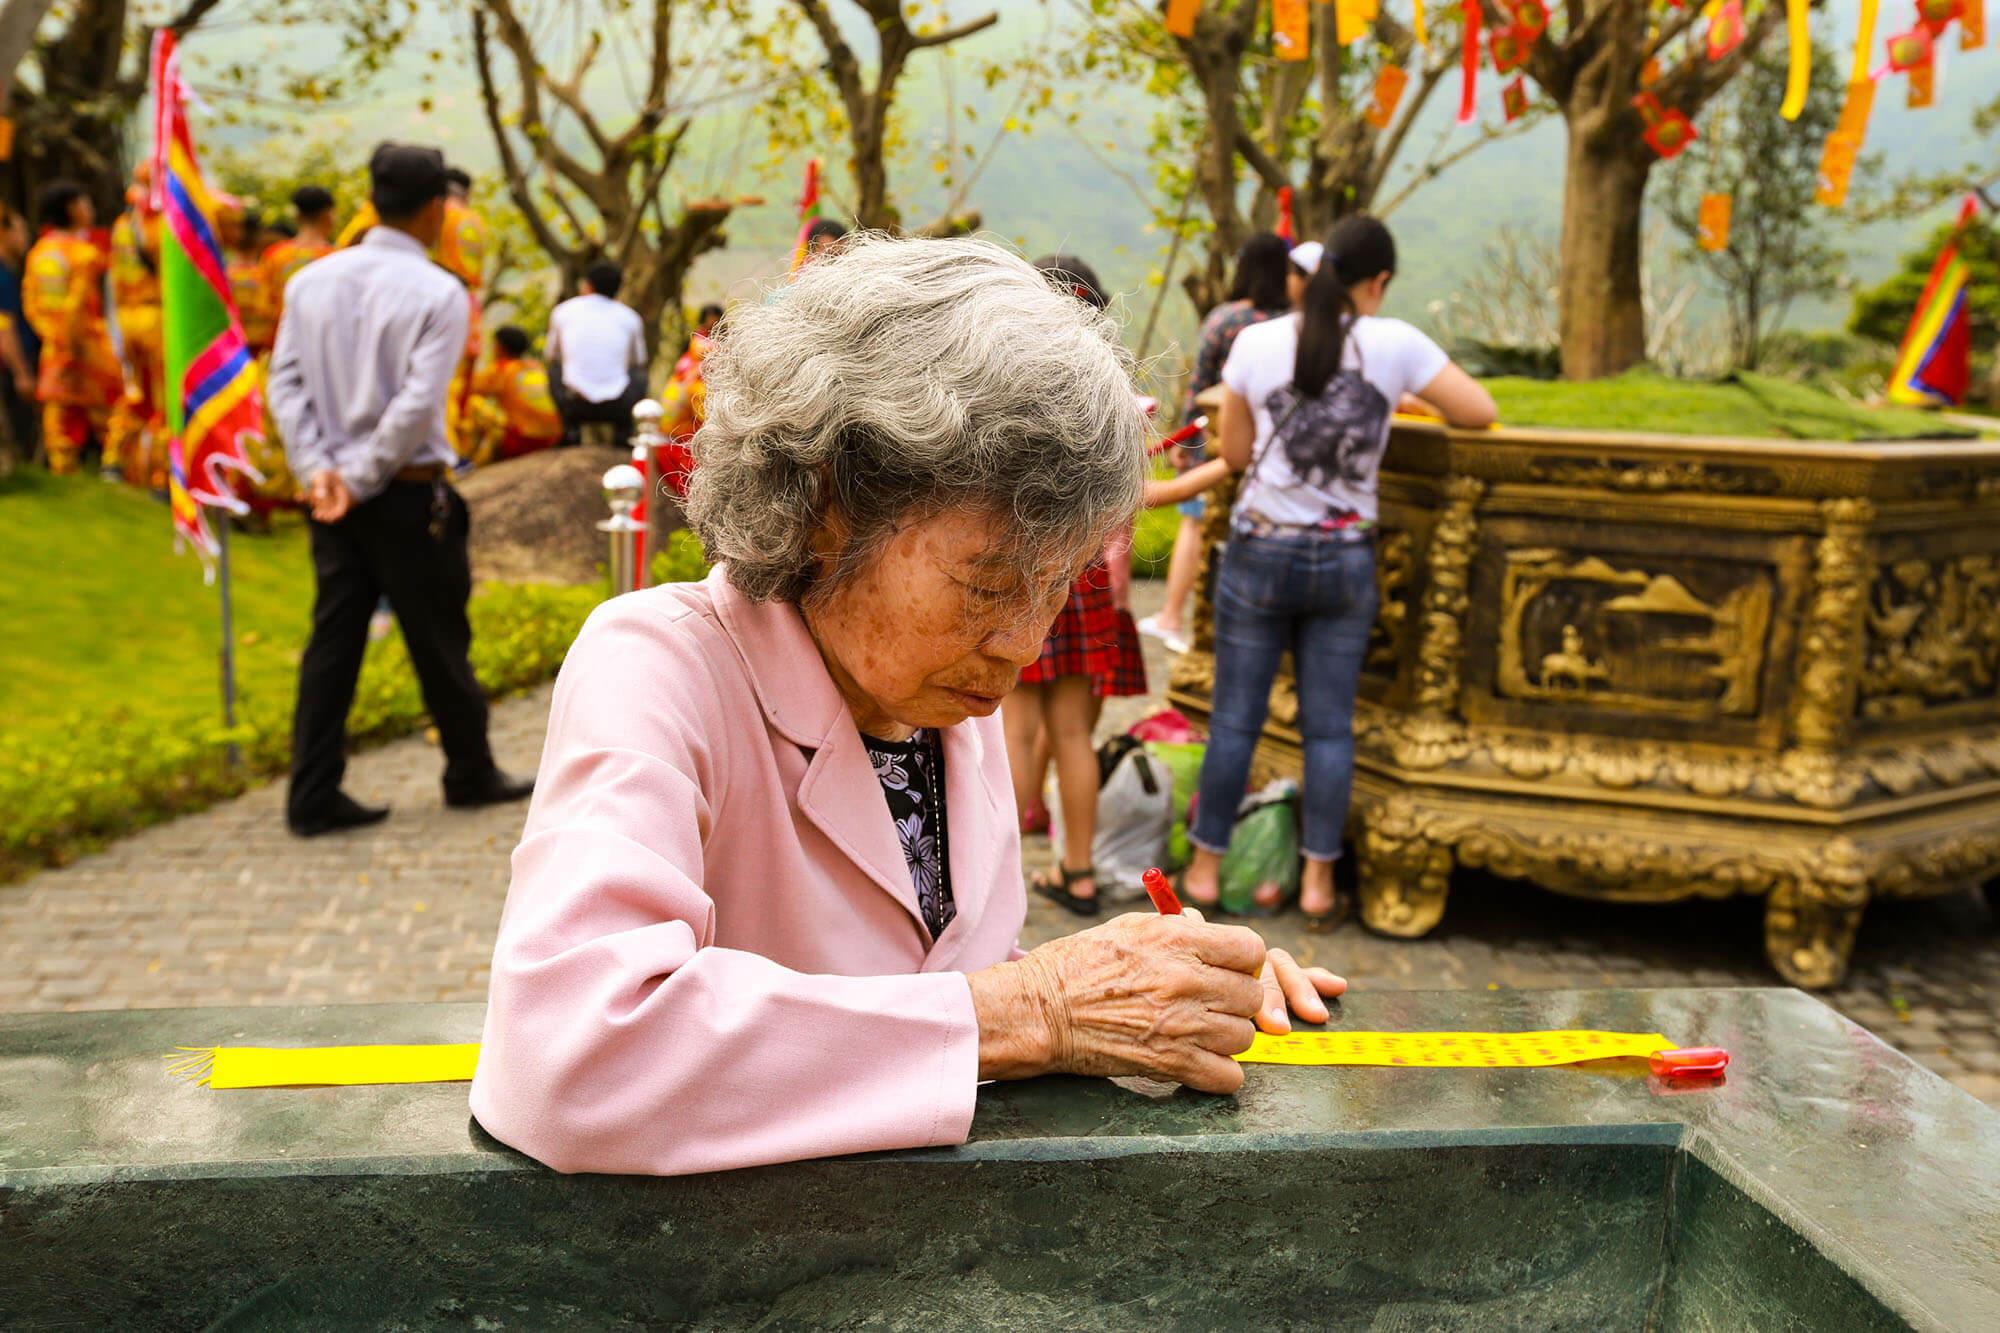 Le Hoi Than Tai Mung Xuan Canh Ty Tai Khu Du Lich Nui Than Tai Da Nang 06